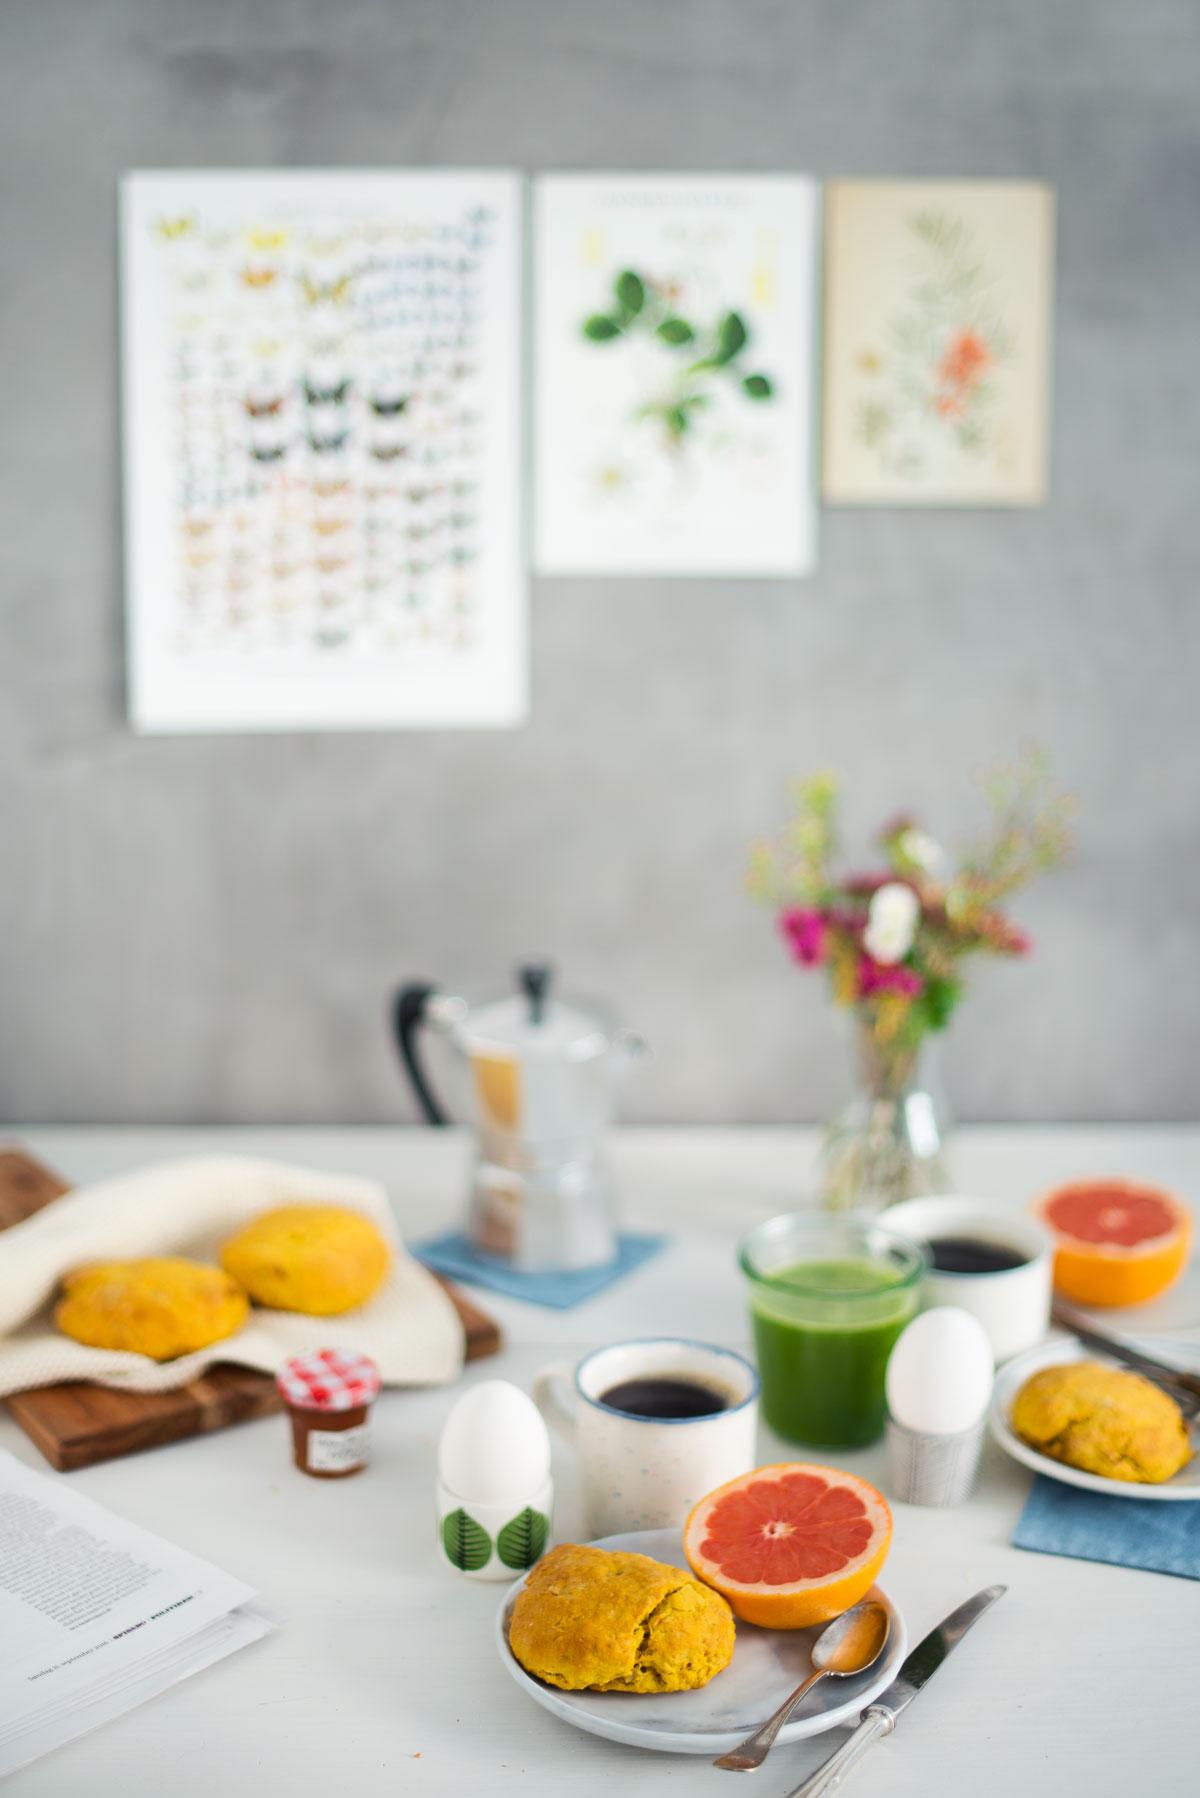 Opskrift: Scones med gulerod og valnødder | Frk. Kræsen